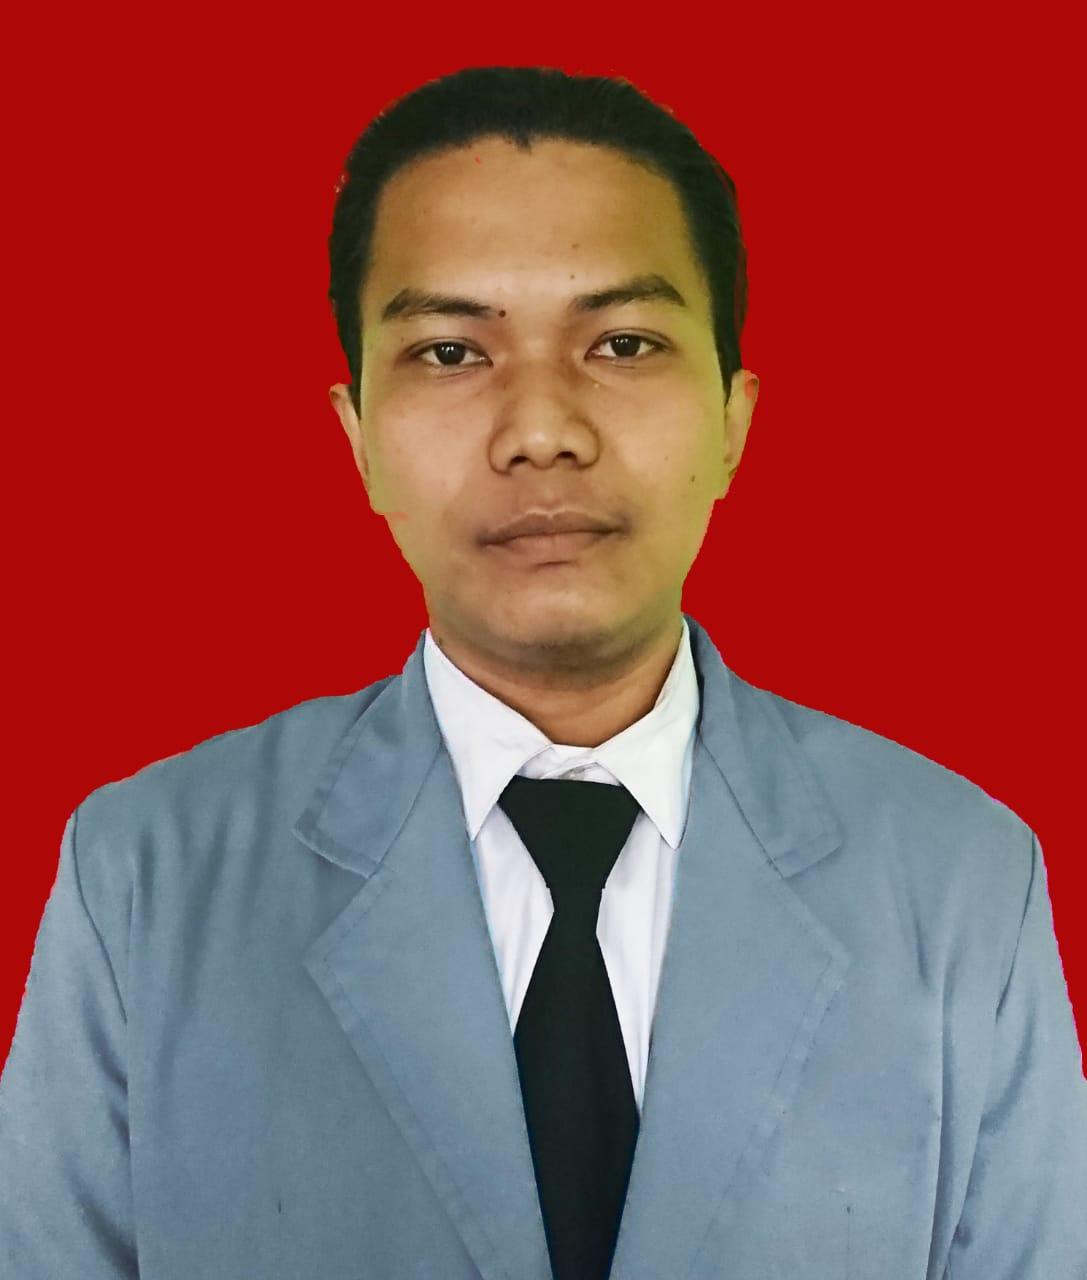 H42150856-ABDUL GHOFUR MALIKI